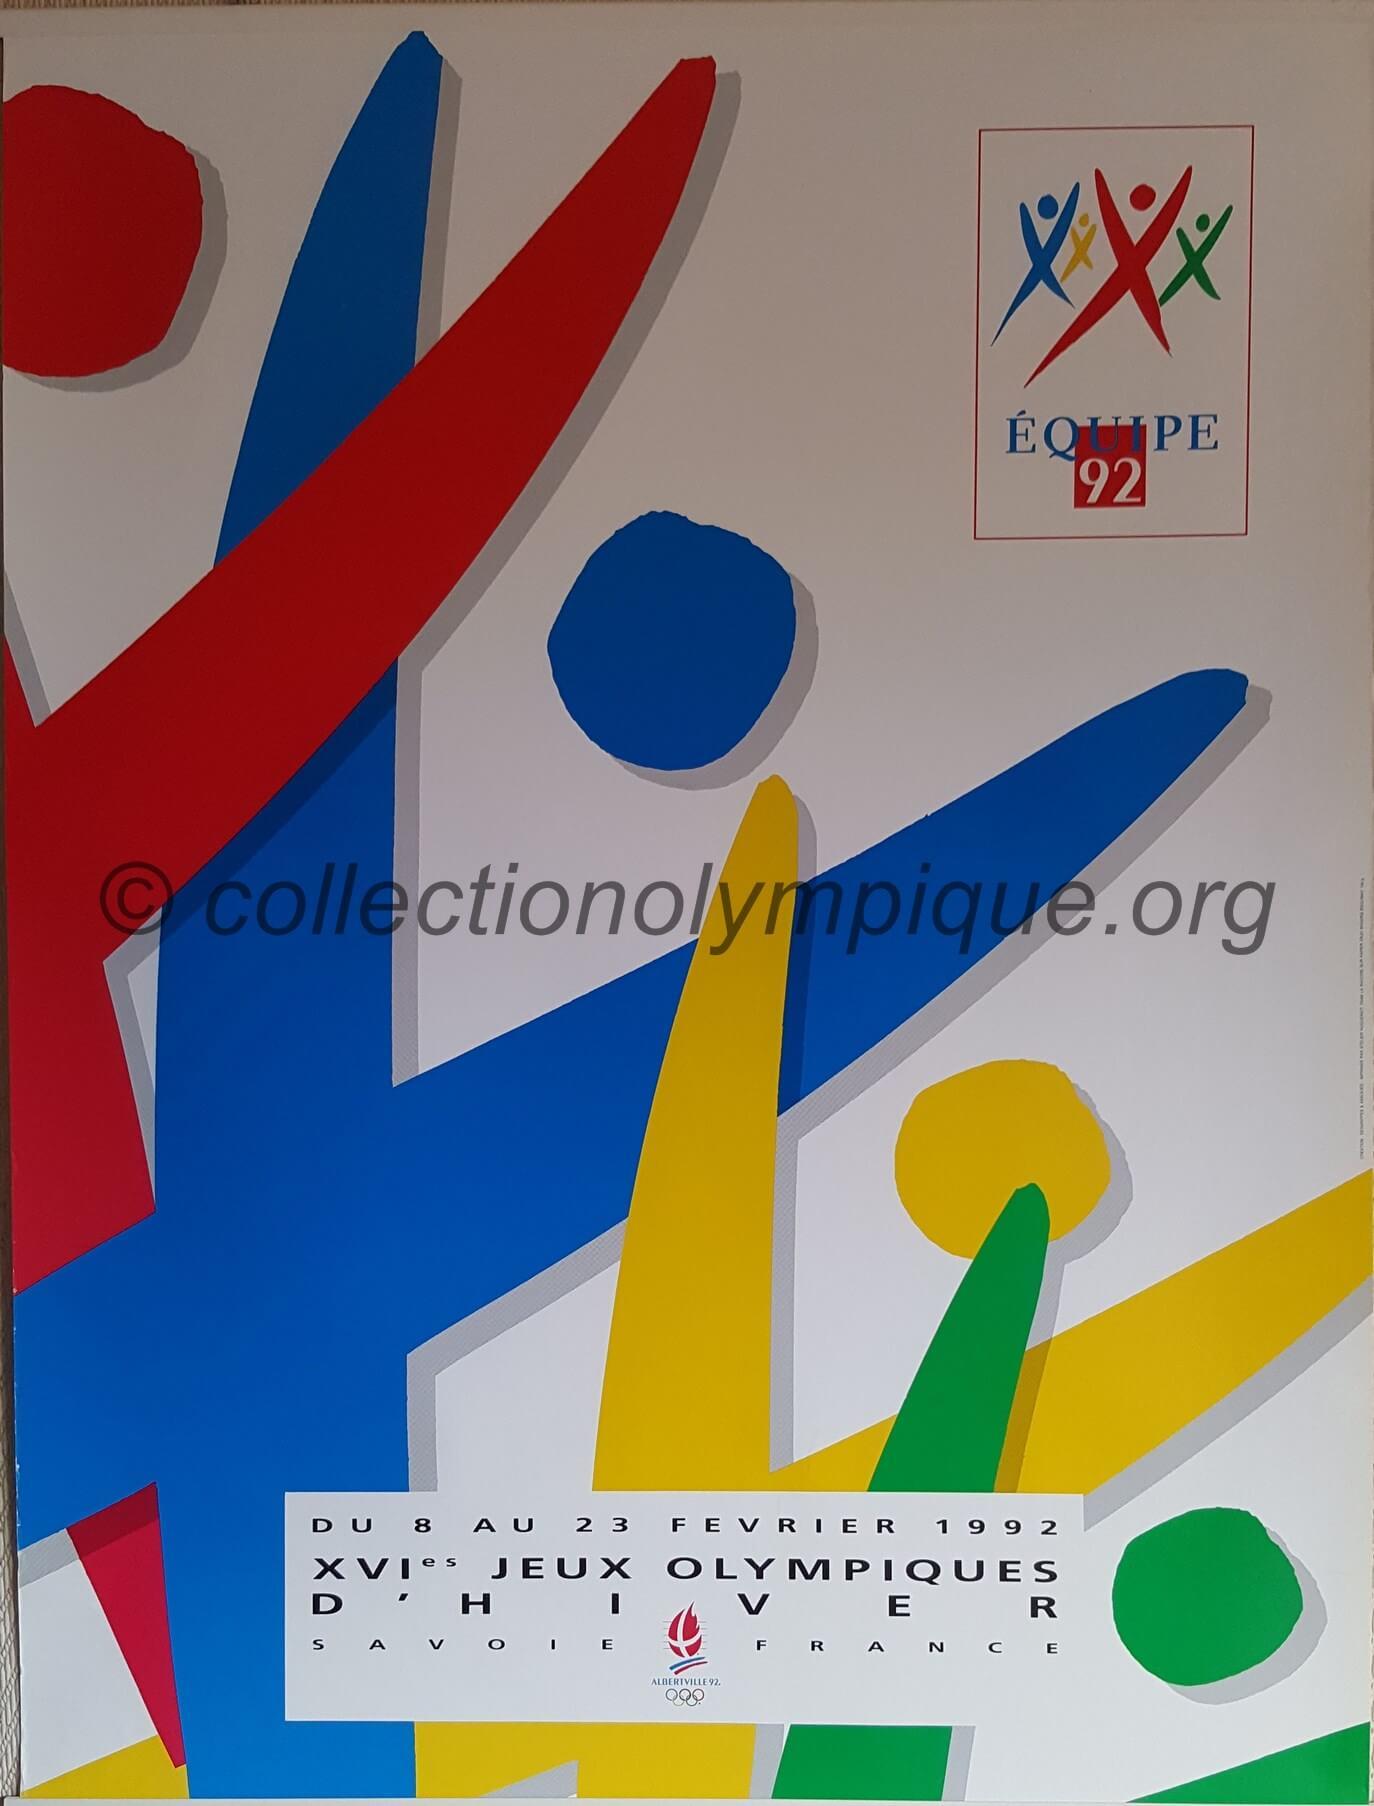 1992 Albertville olympic poster volunteers Team 92 60 X 80 cm